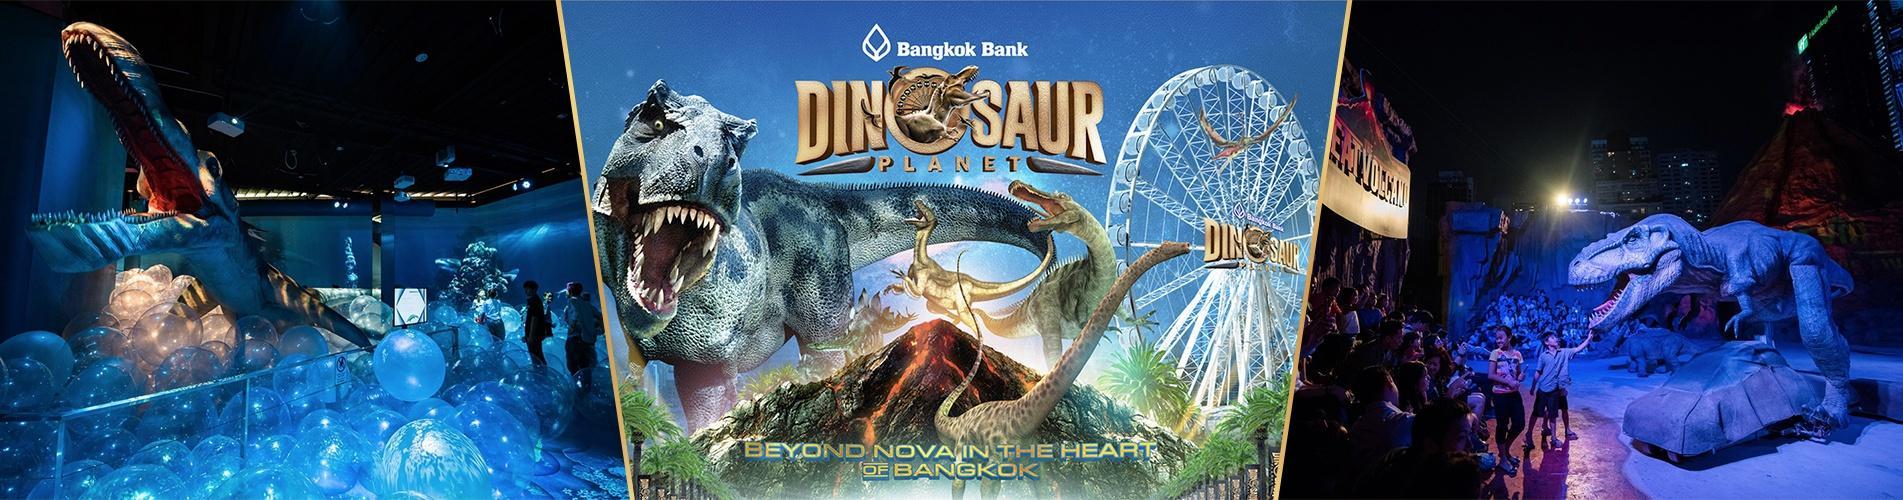 曼谷恐龍星球樂園 Dinosaur Planet